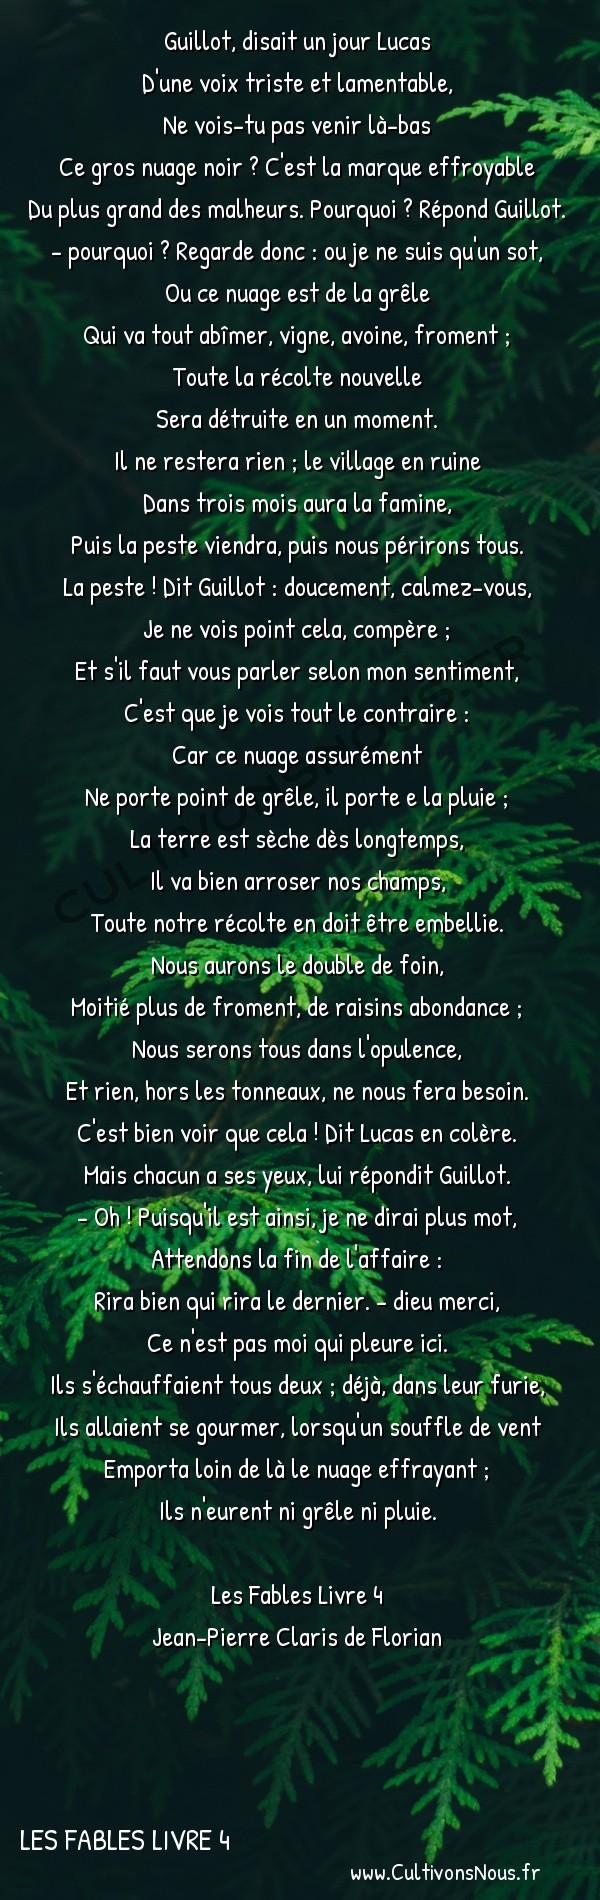 Poésie Jean-Pierre Claris de Florian - Les Fables Livre 4 - Les deux paysans et le nuage -  Guillot, disait un jour Lucas D'une voix triste et lamentable,